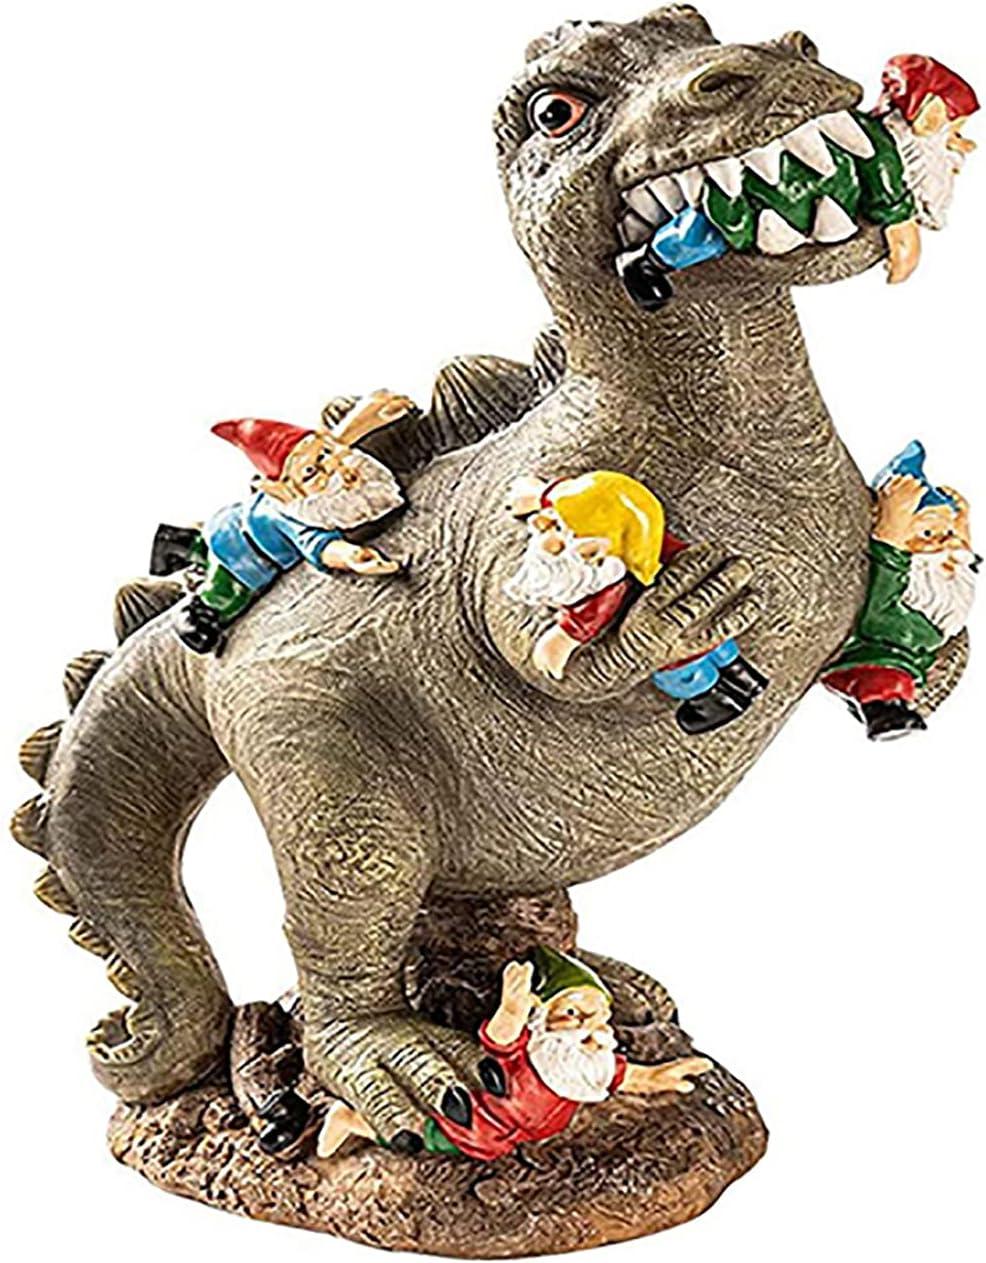 Anvirtue Dinosaur Eating Gnomes Garden Decor Statue,Resin Garden Gnome Statues,for Outdoor Garden Patio or Indoor Decor (Dinosaur)